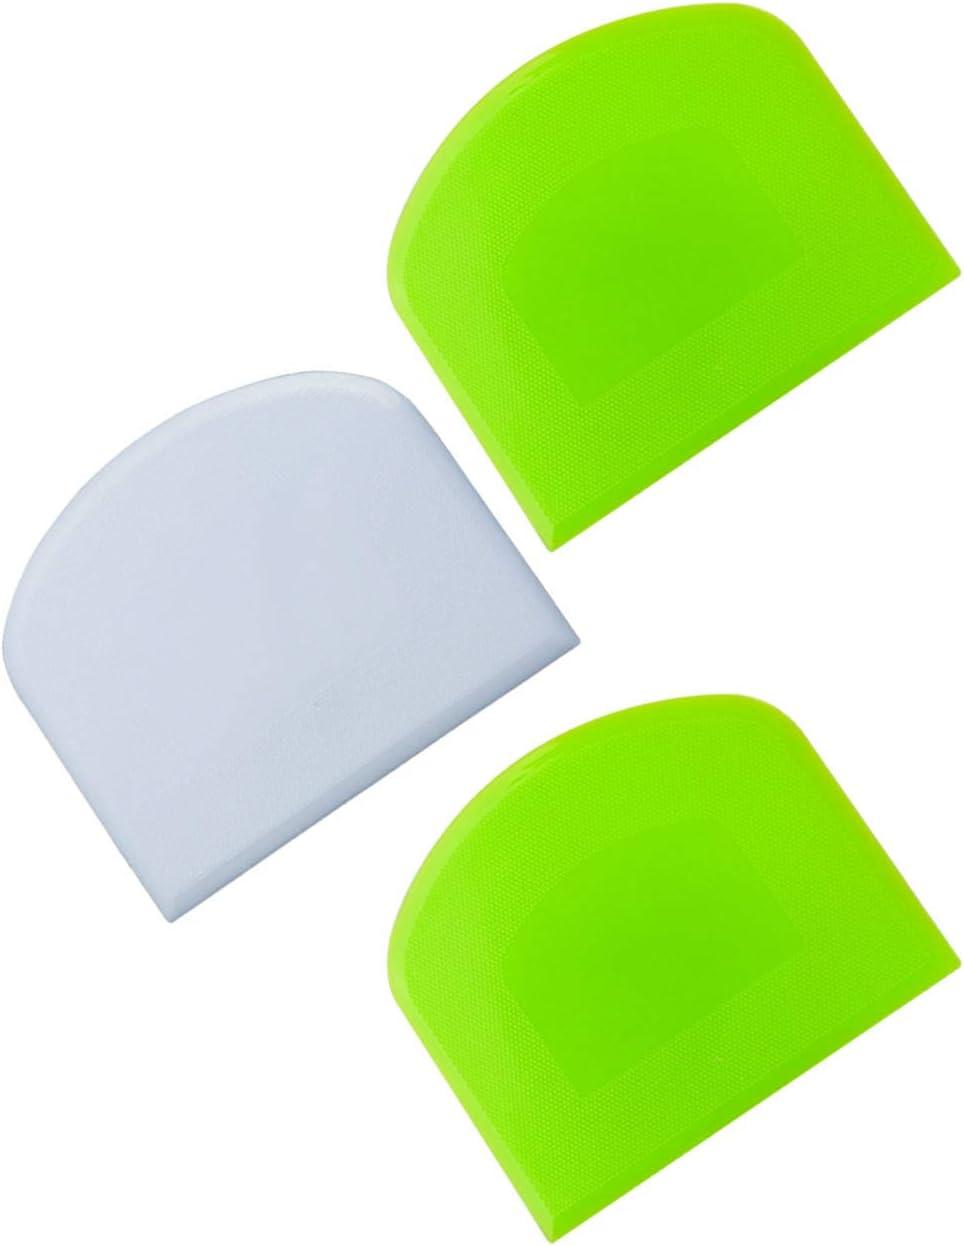 3 PCS Dough Scraper Plastic Flexible Bowl Scraper, Food Grade Bench Scraper Plastic Dough Cutter for Ice Cream, Bread, Cake, Fondant, Pizza (Green + White+Green)